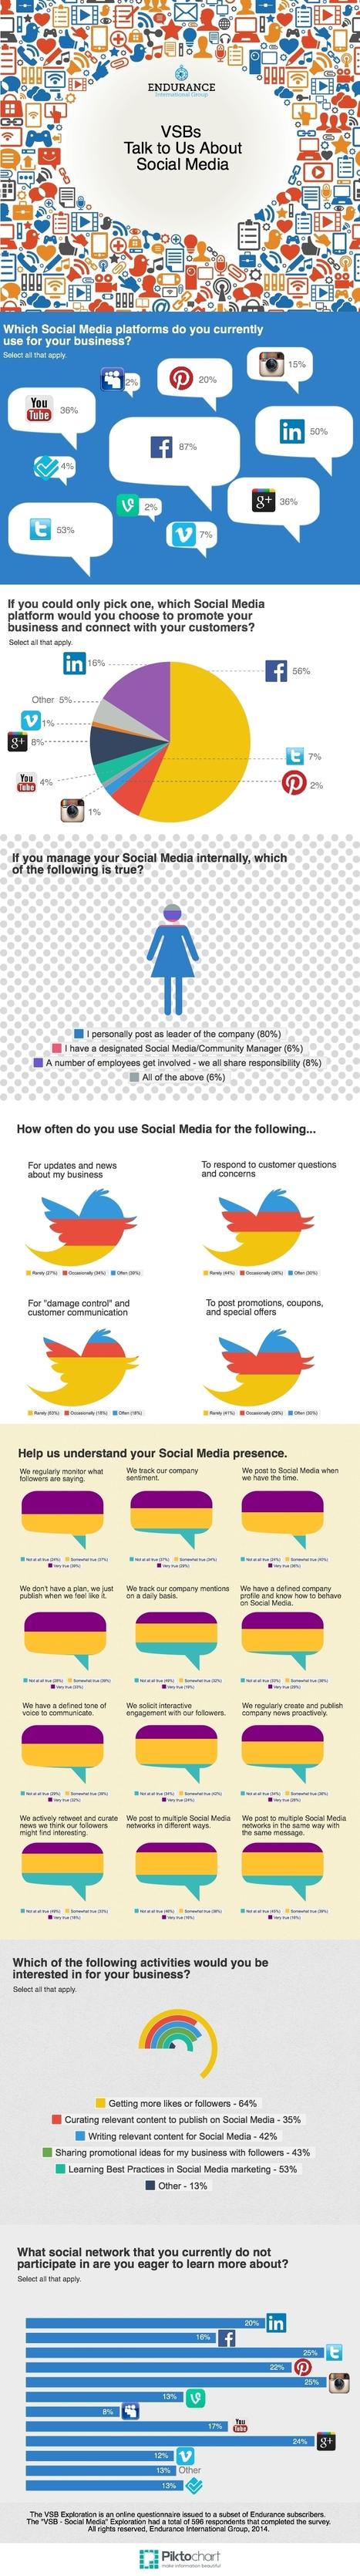 90% des Très Petites Entreprises sont sur les réseaux sociaux - #Arobasenet | Réseaux sociaux | Scoop.it